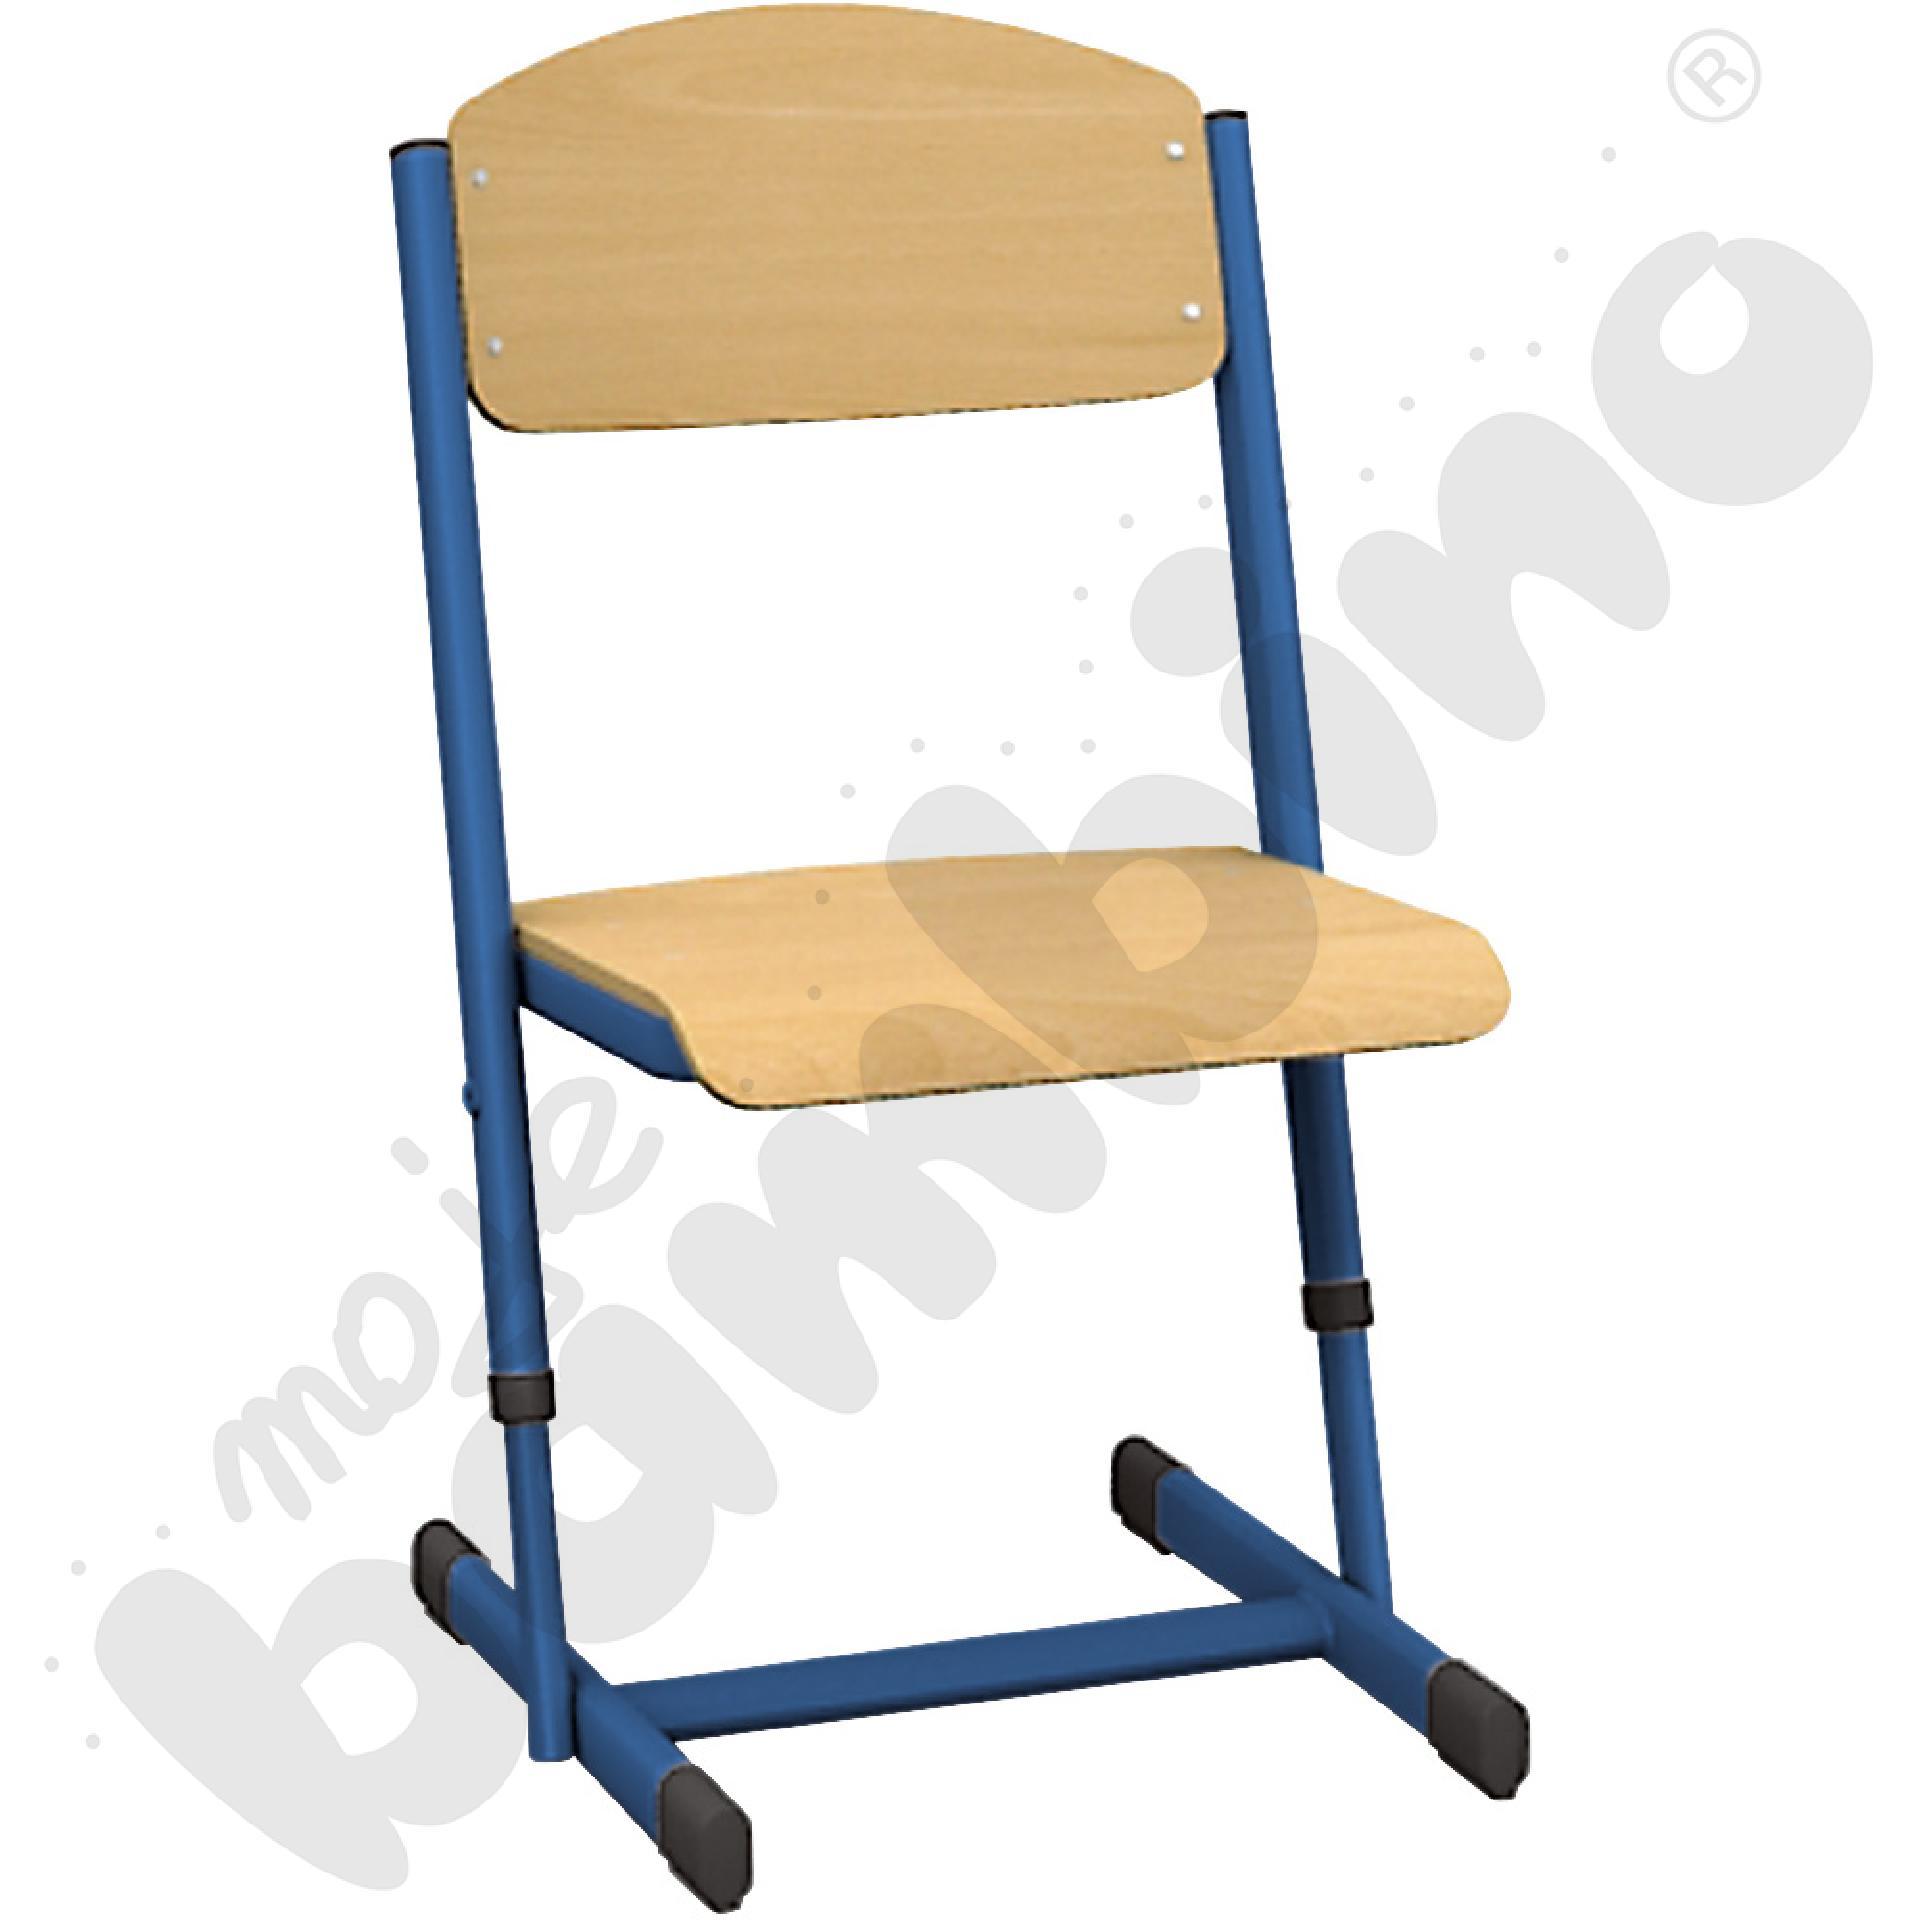 Krzesło T z regulowaną wys. rozm. 2-3 niebieskie